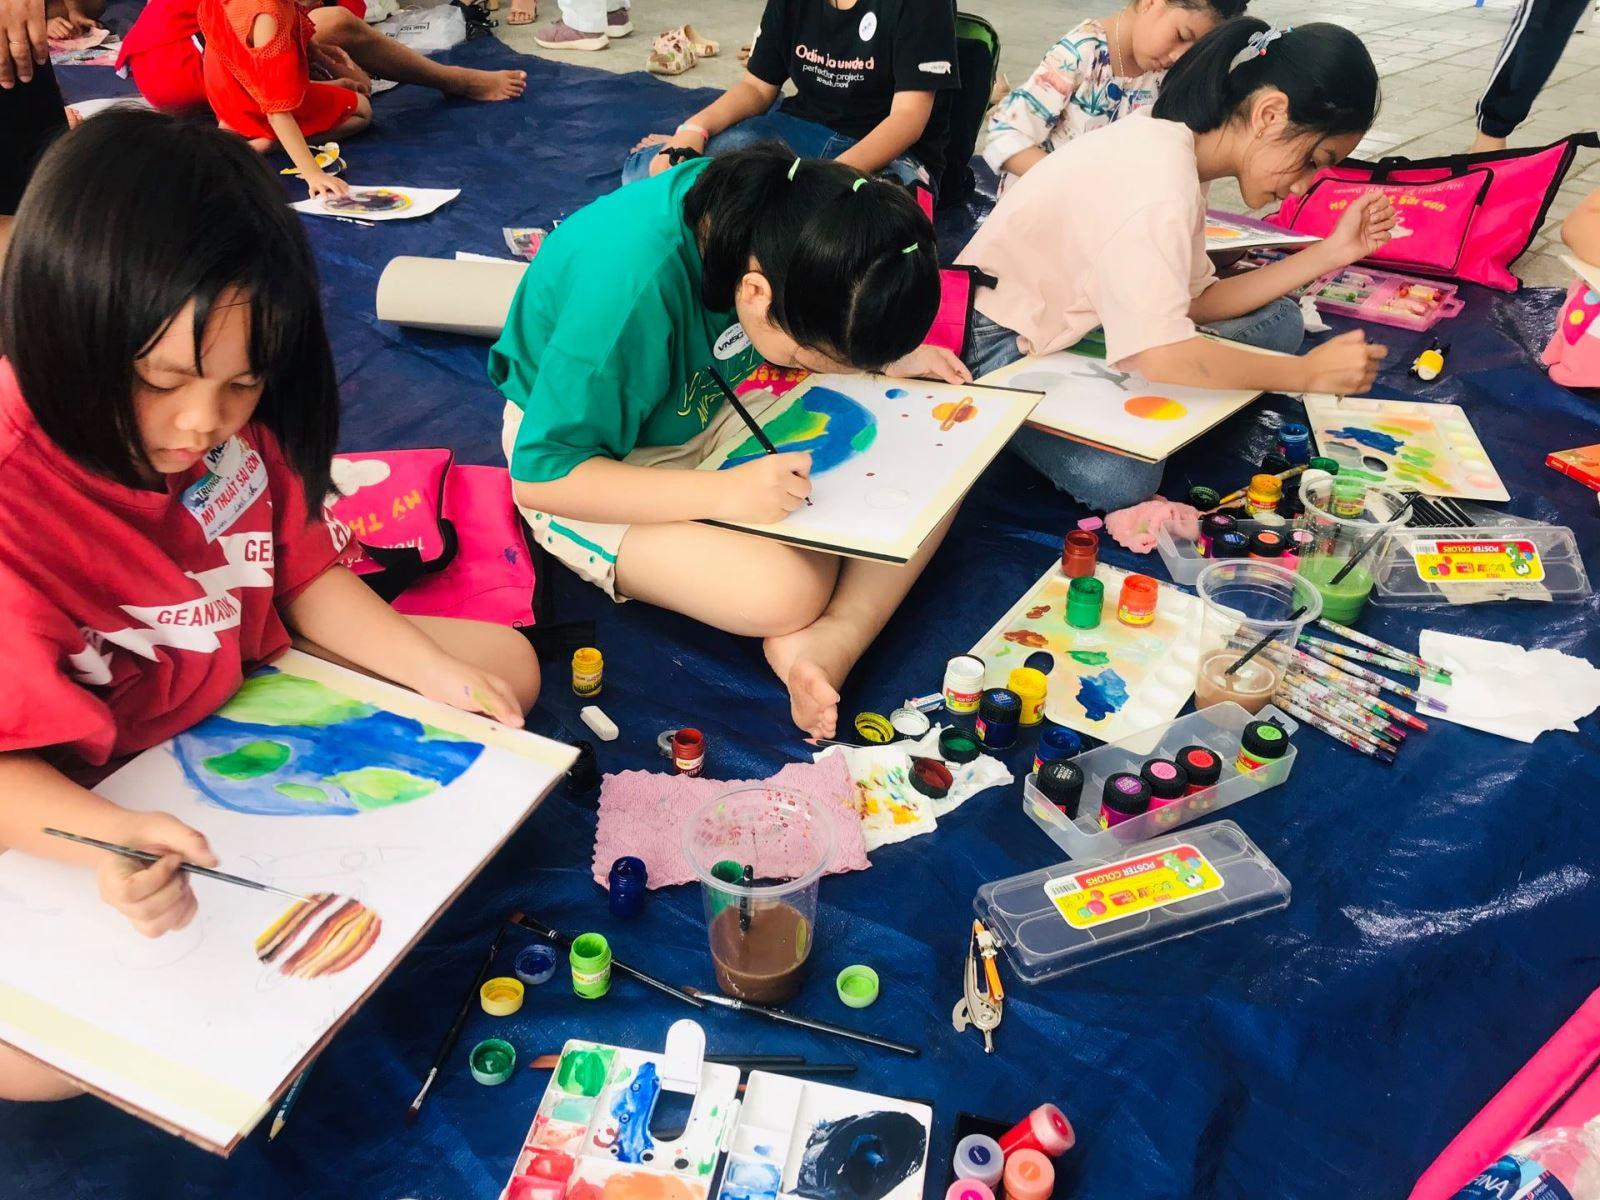 Tại sao cần cho trẻ tham gia các lớp học mỹ thuật?